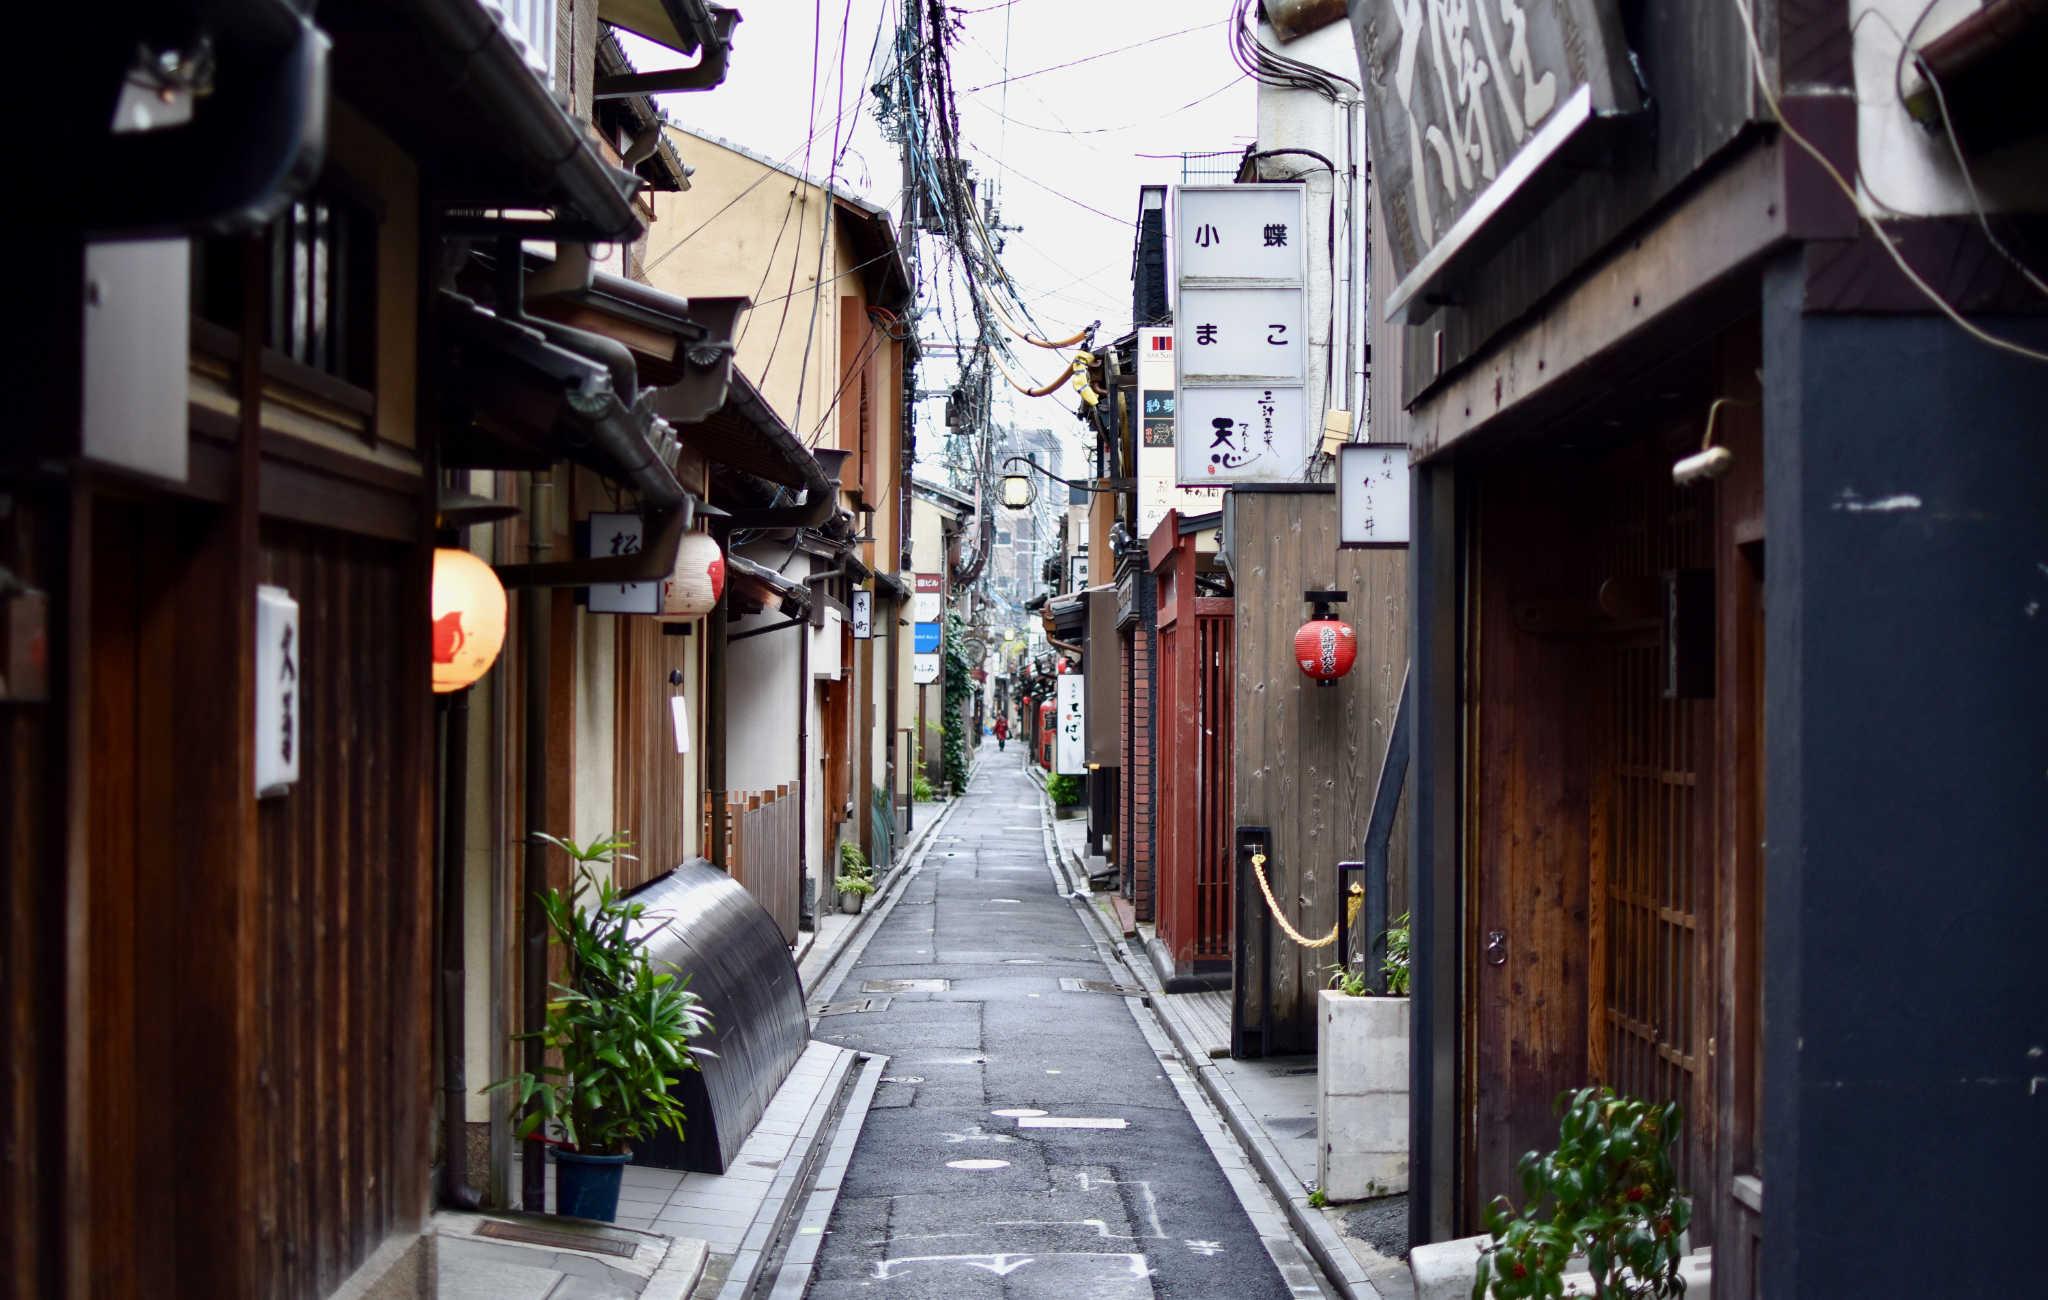 La petite ruelle de Pontocho, au coeur de Gion, renvoie l'image très traditionnelle de Kyoto